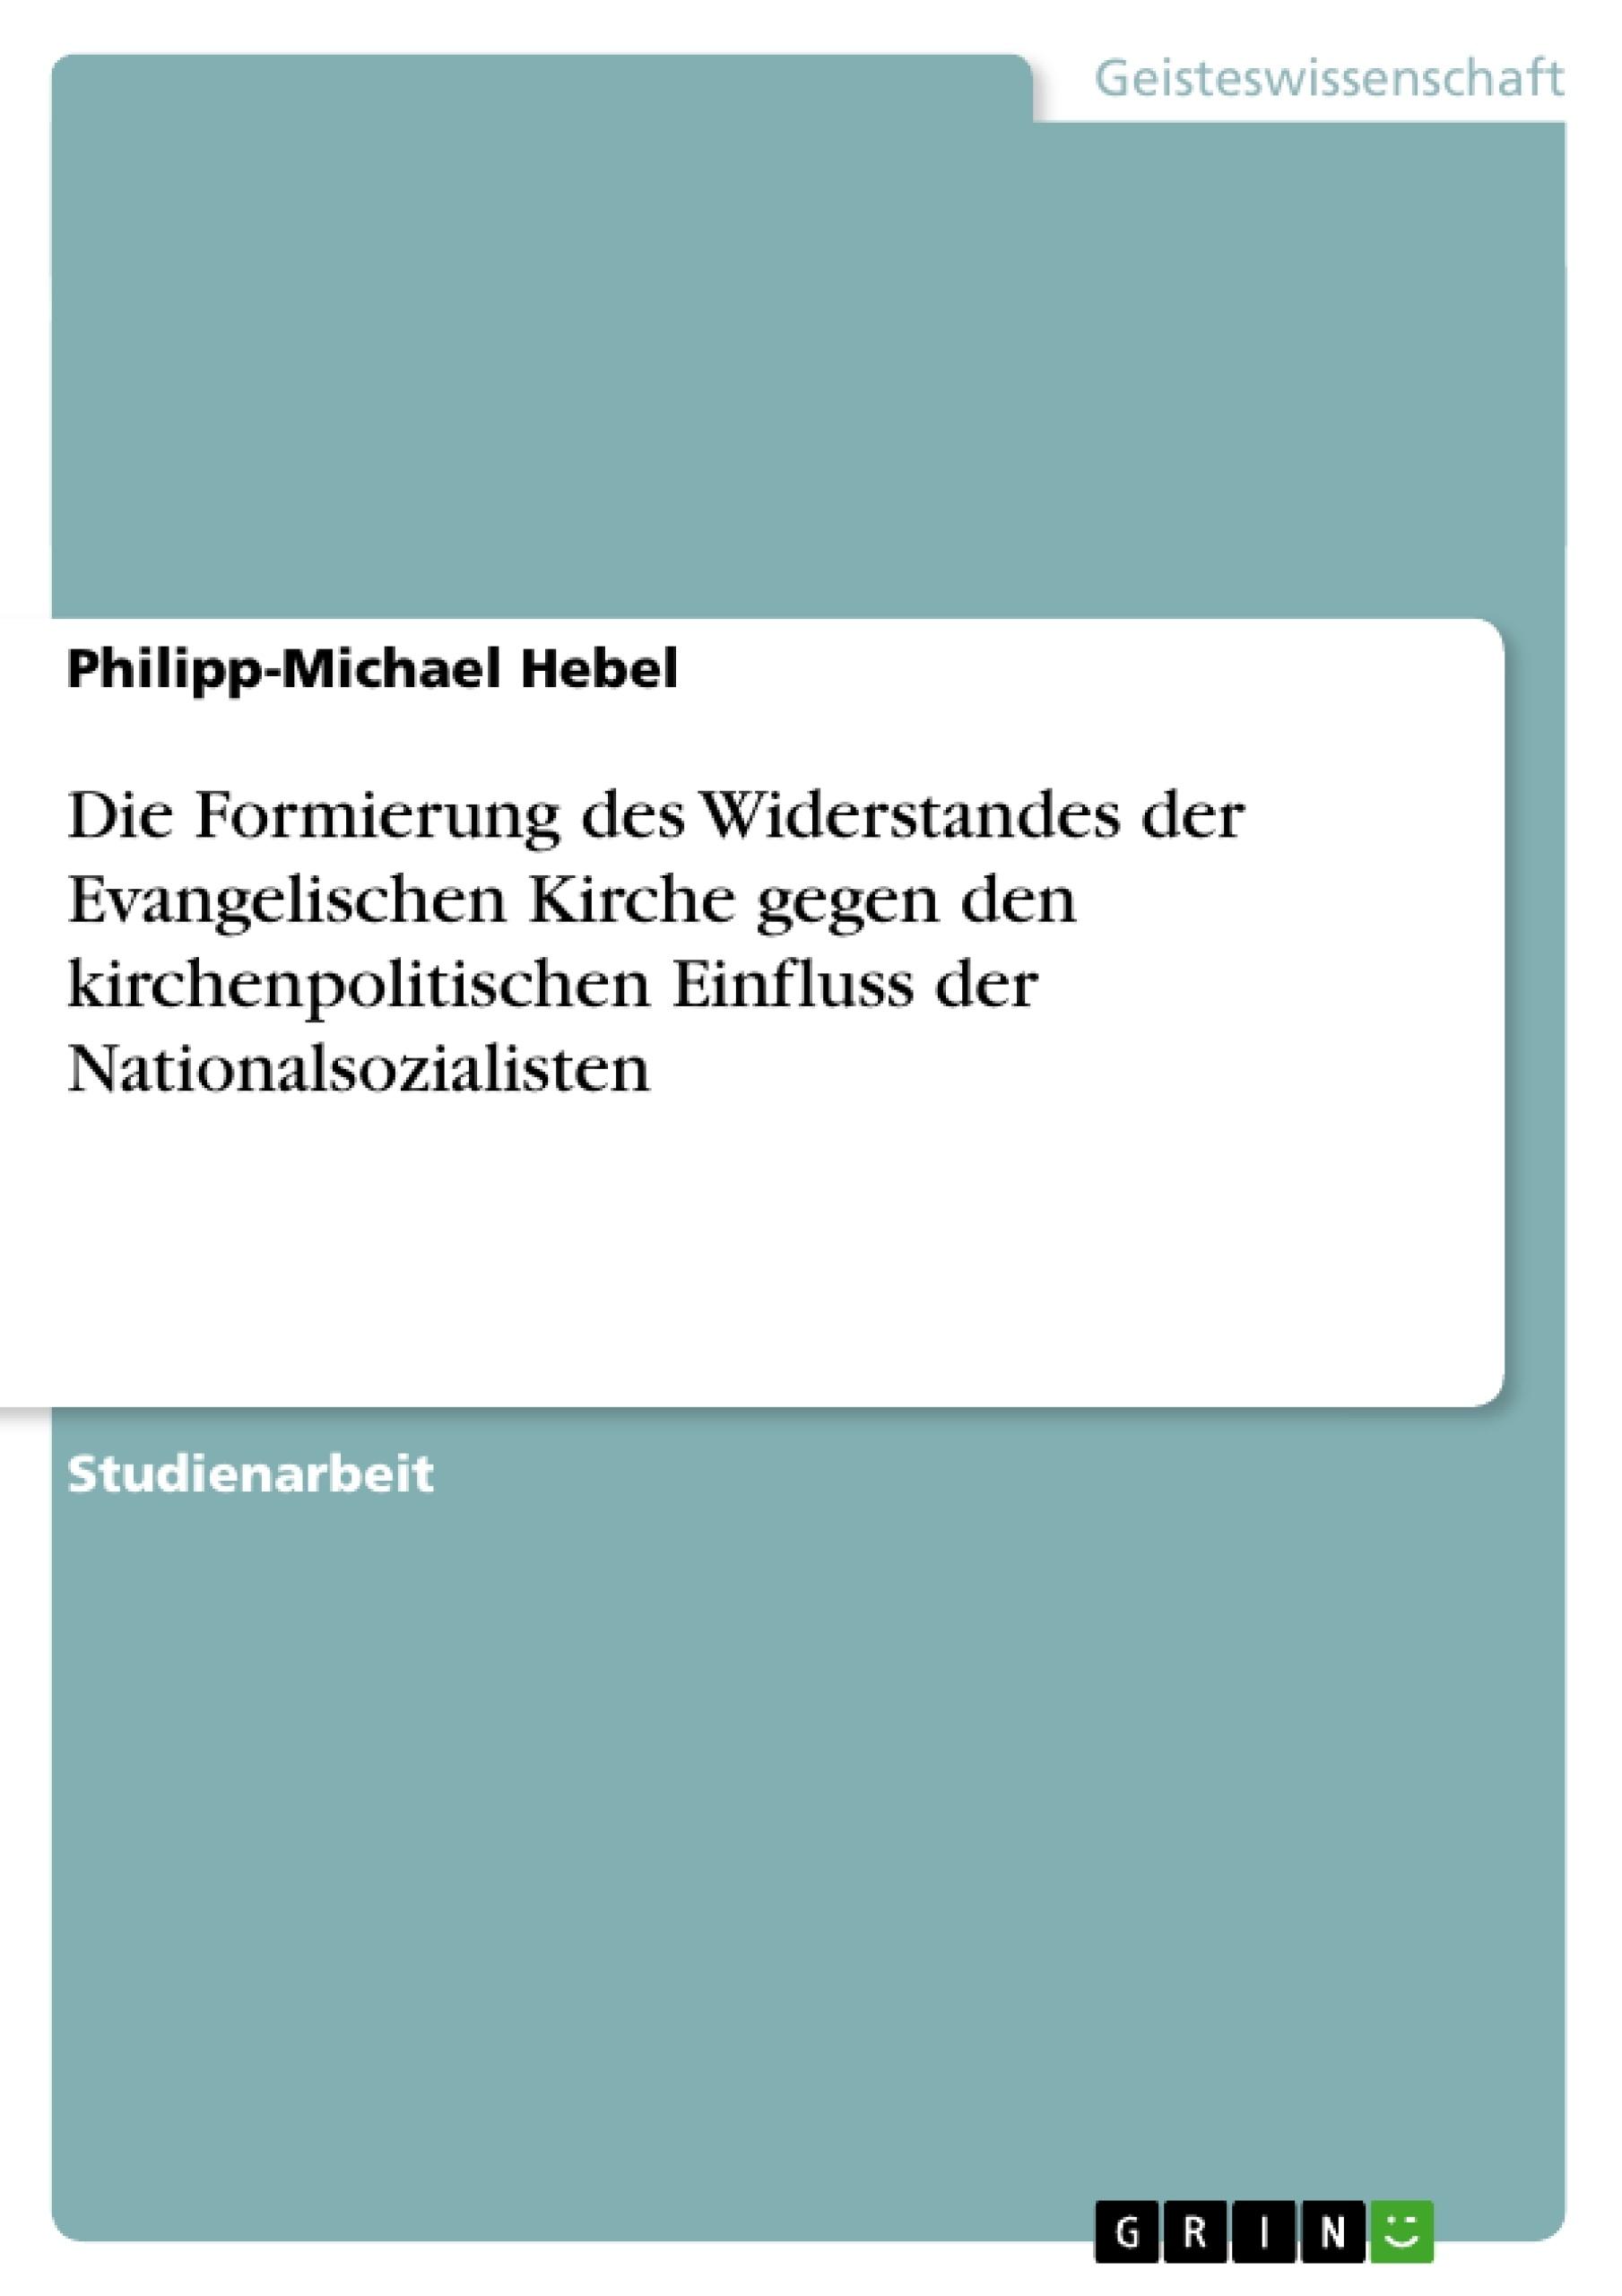 Titel: Die Formierung des Widerstandes der Evangelischen Kirche gegen den kirchenpolitischen Einfluss der Nationalsozialisten